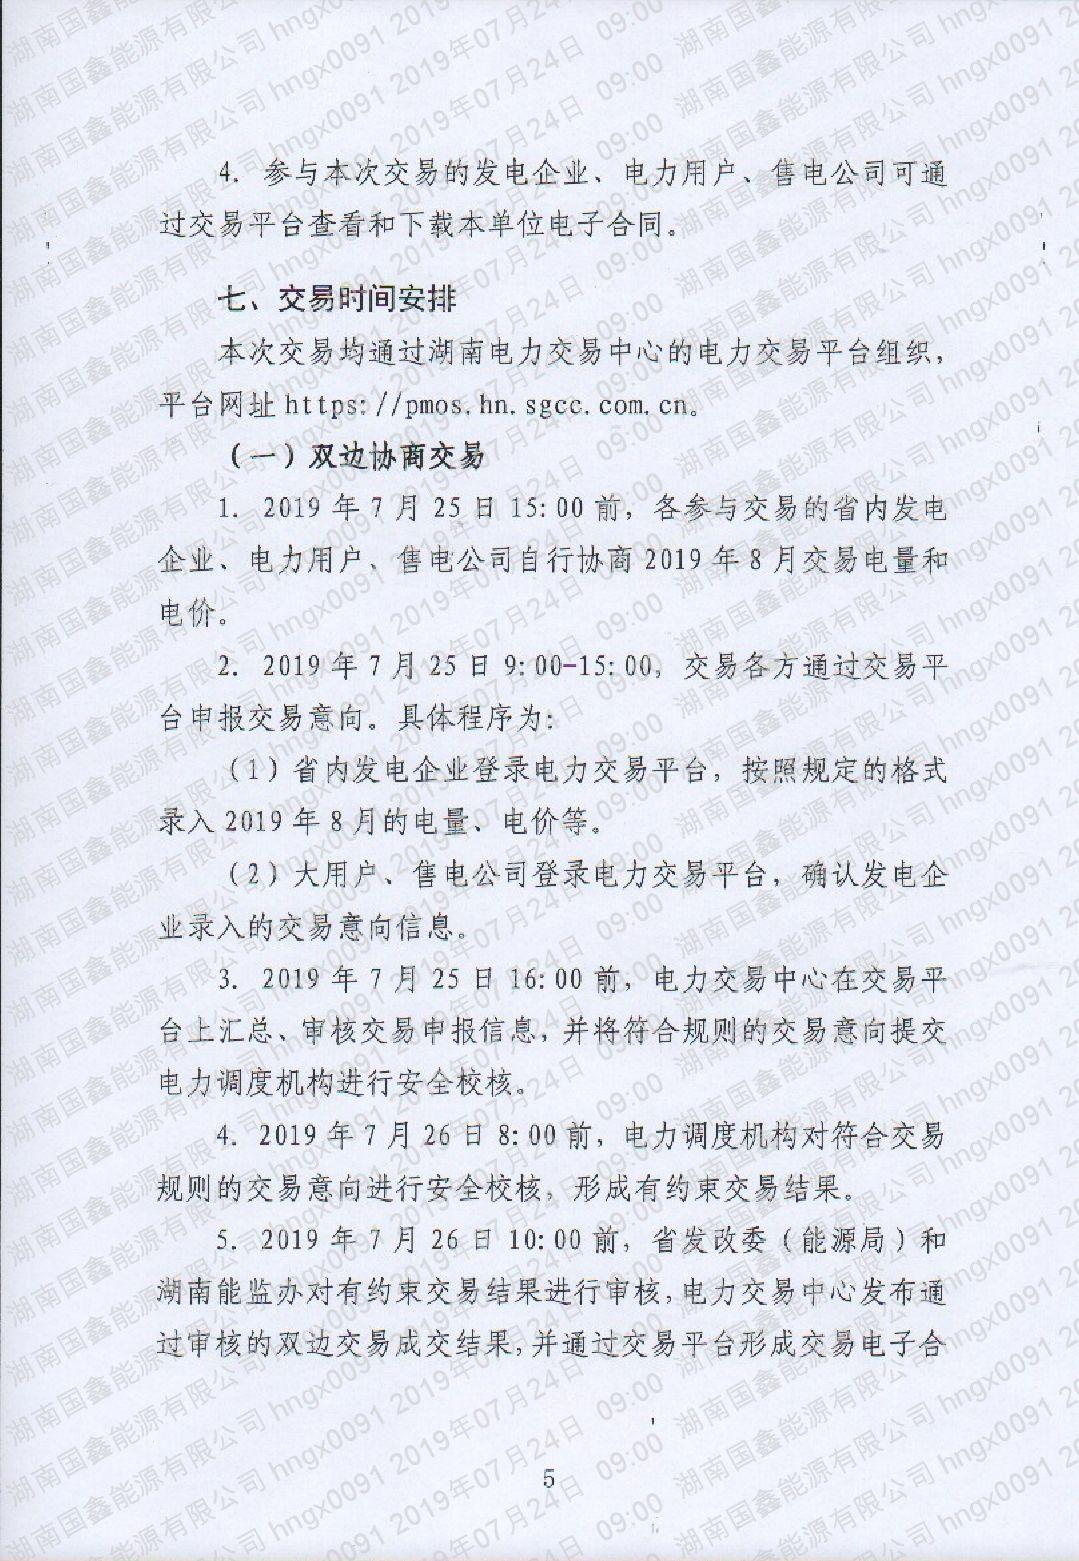 2019年8月湖南電力市場交易的公告(2019年16號).pdf_page_5_compressed.jpg